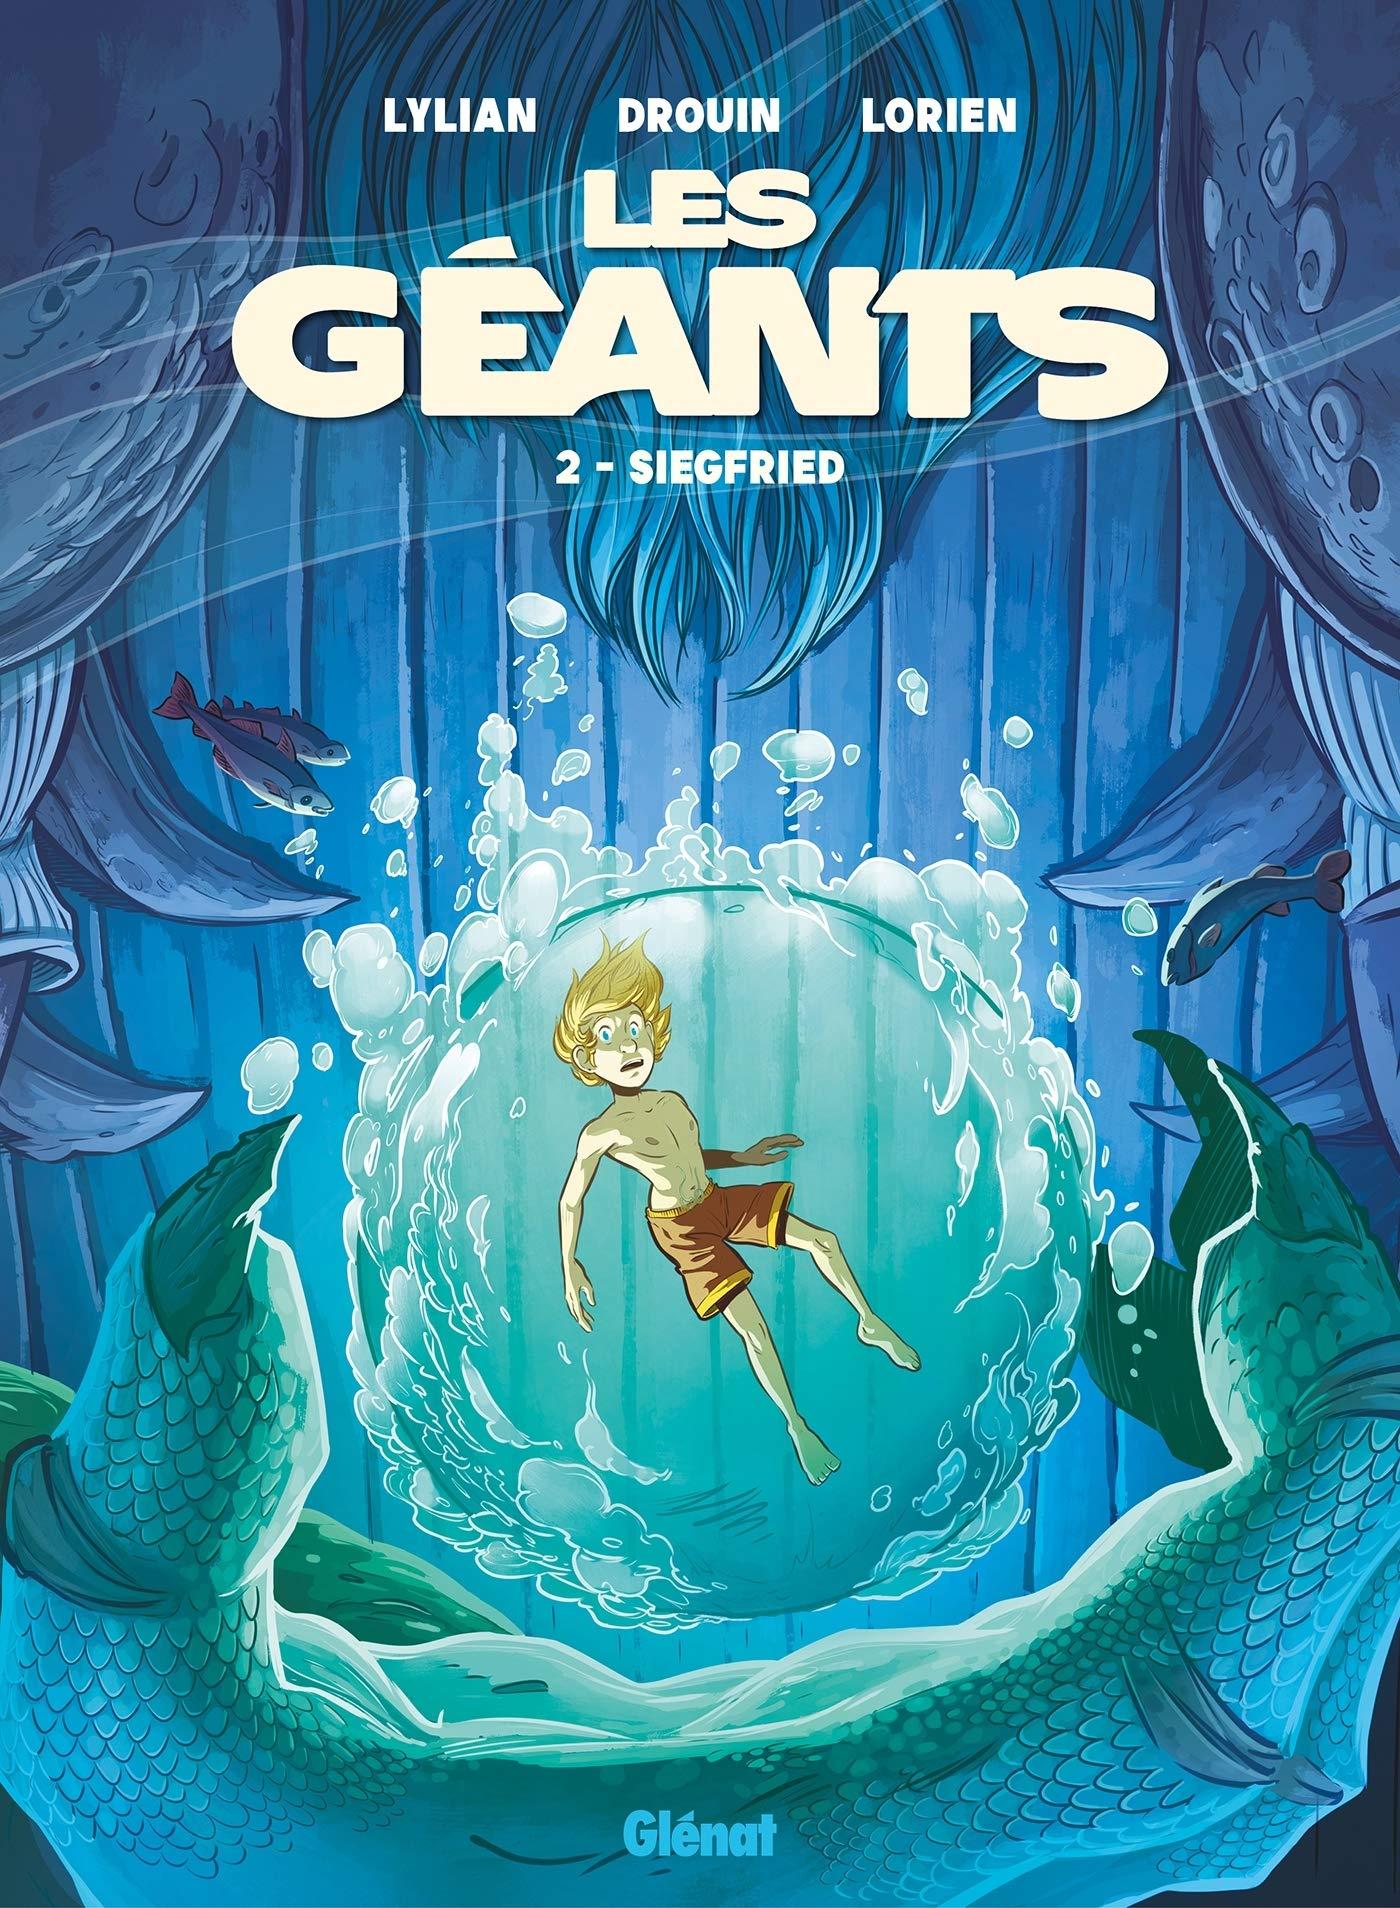 Les géants 2 - Siegfried